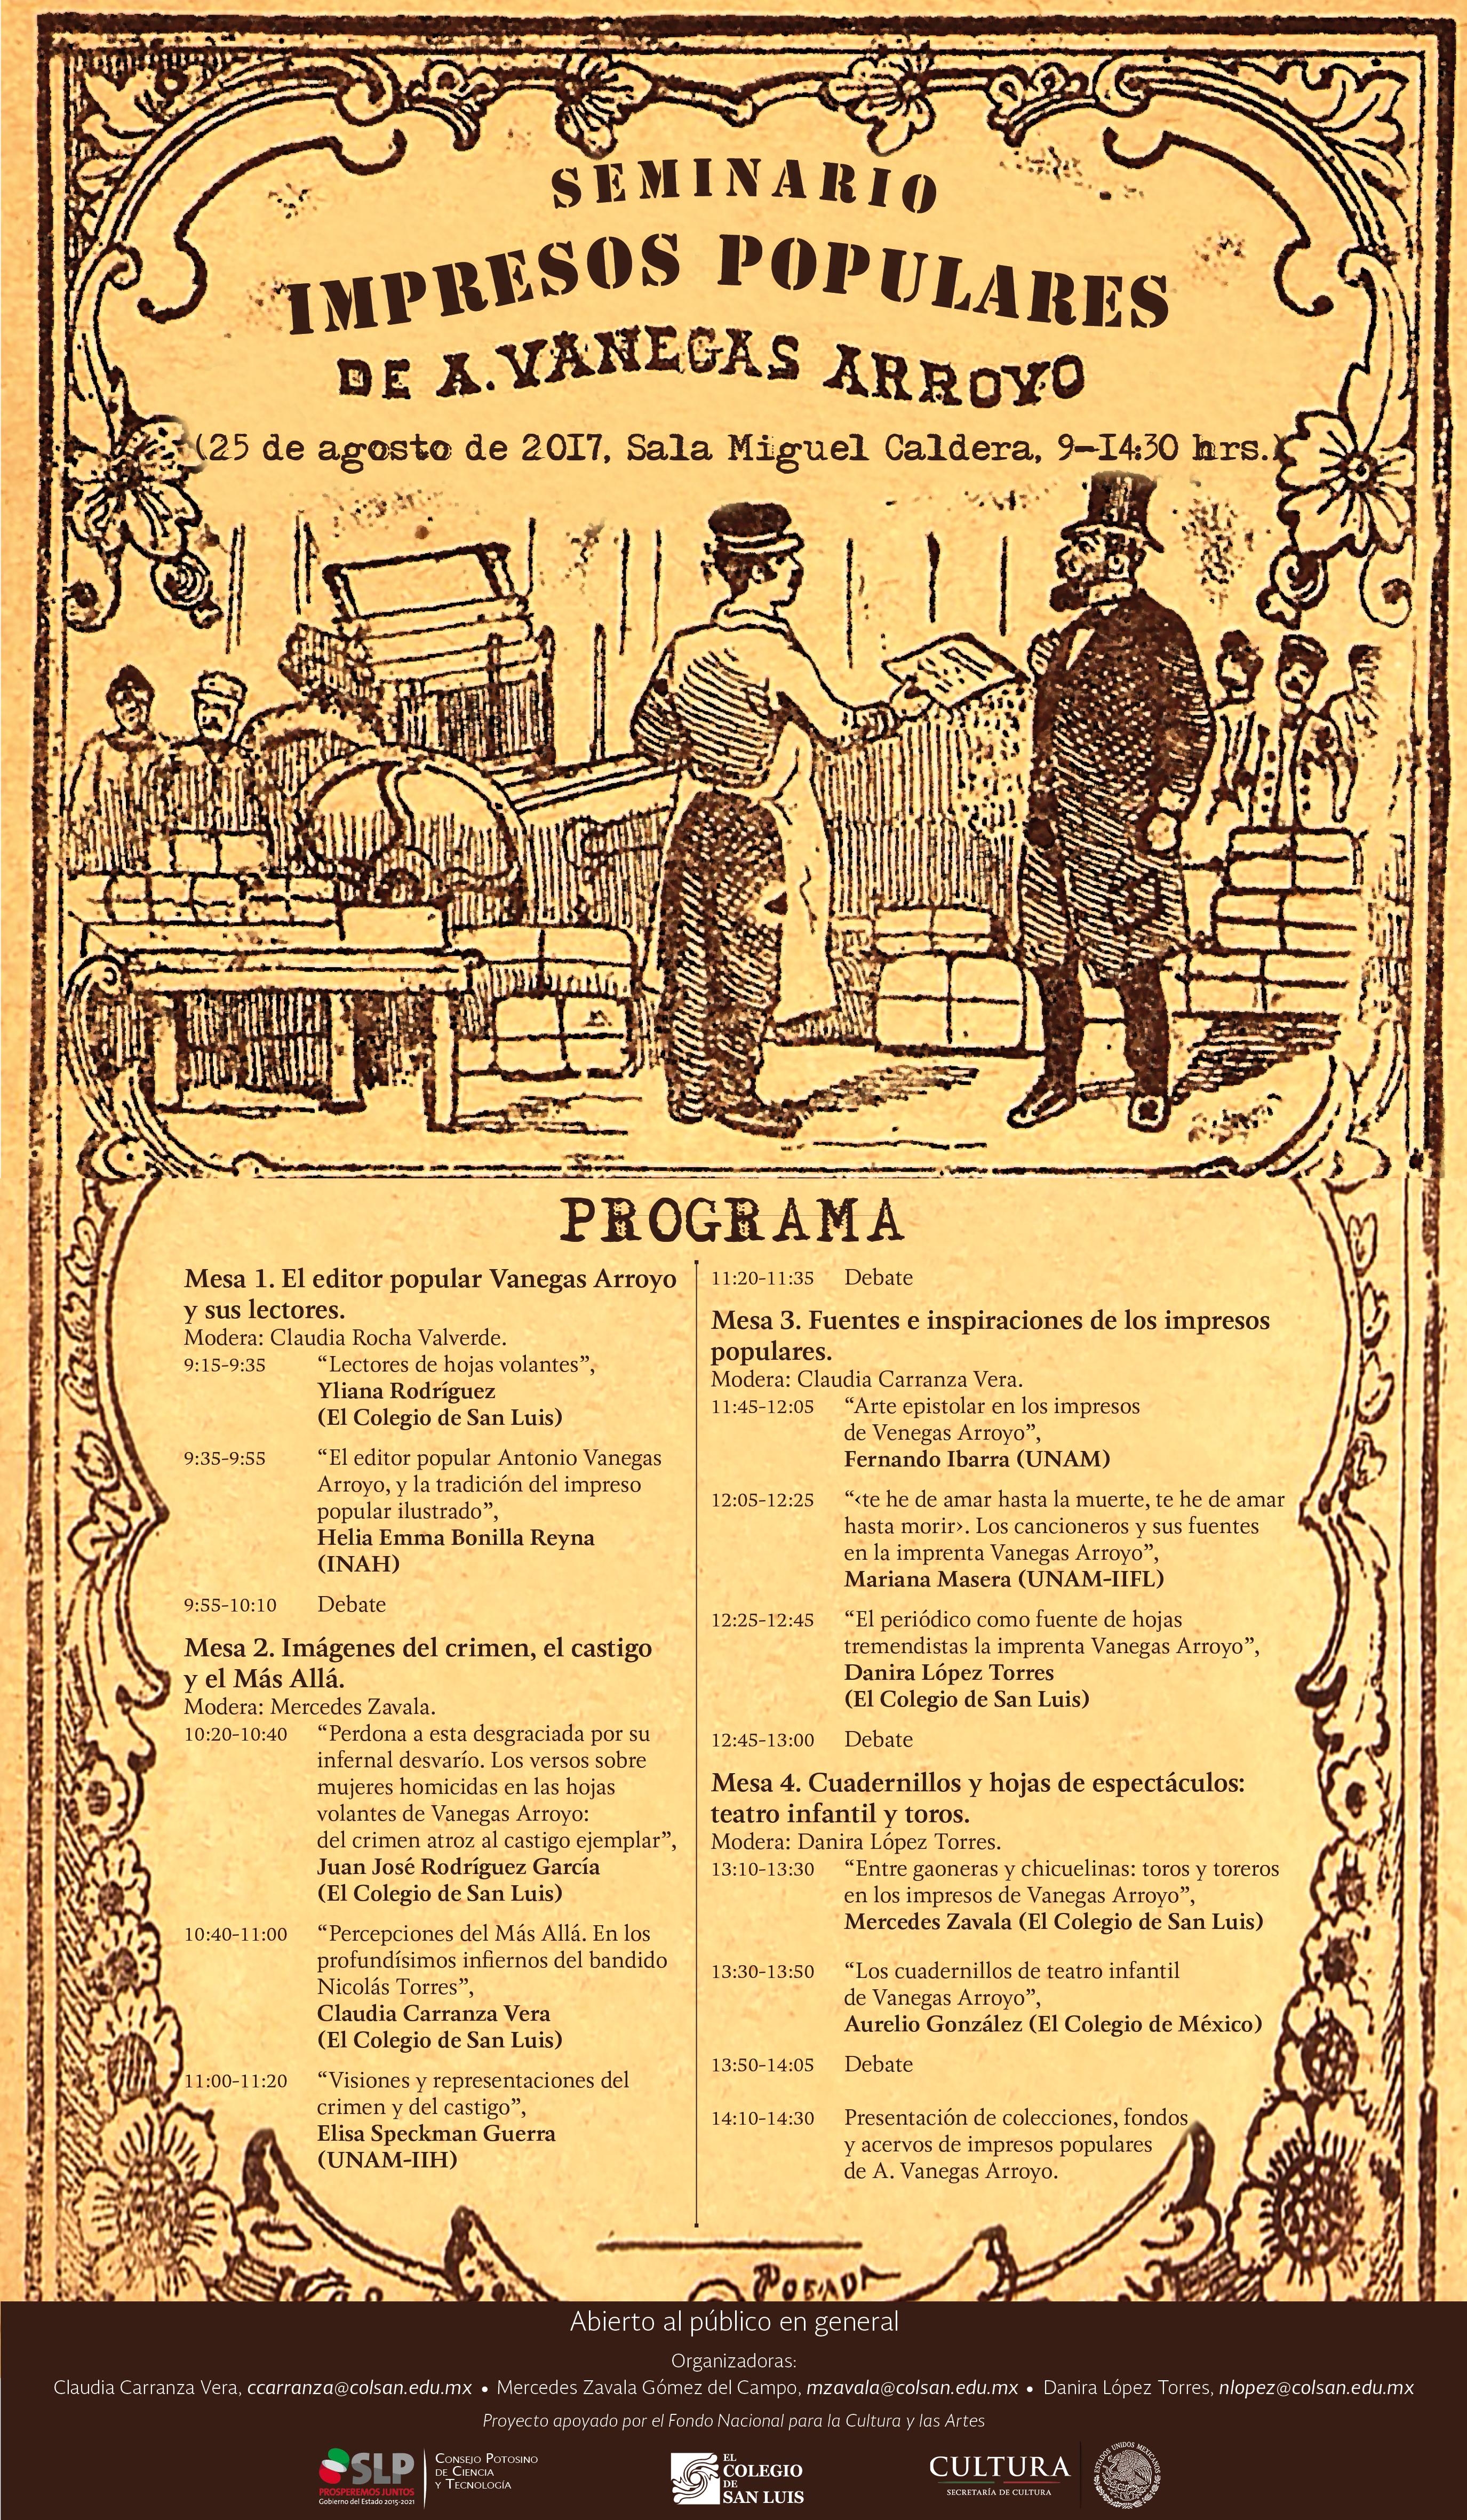 Programa Seminario Impresos Populares de A. Vanegas Arroyo